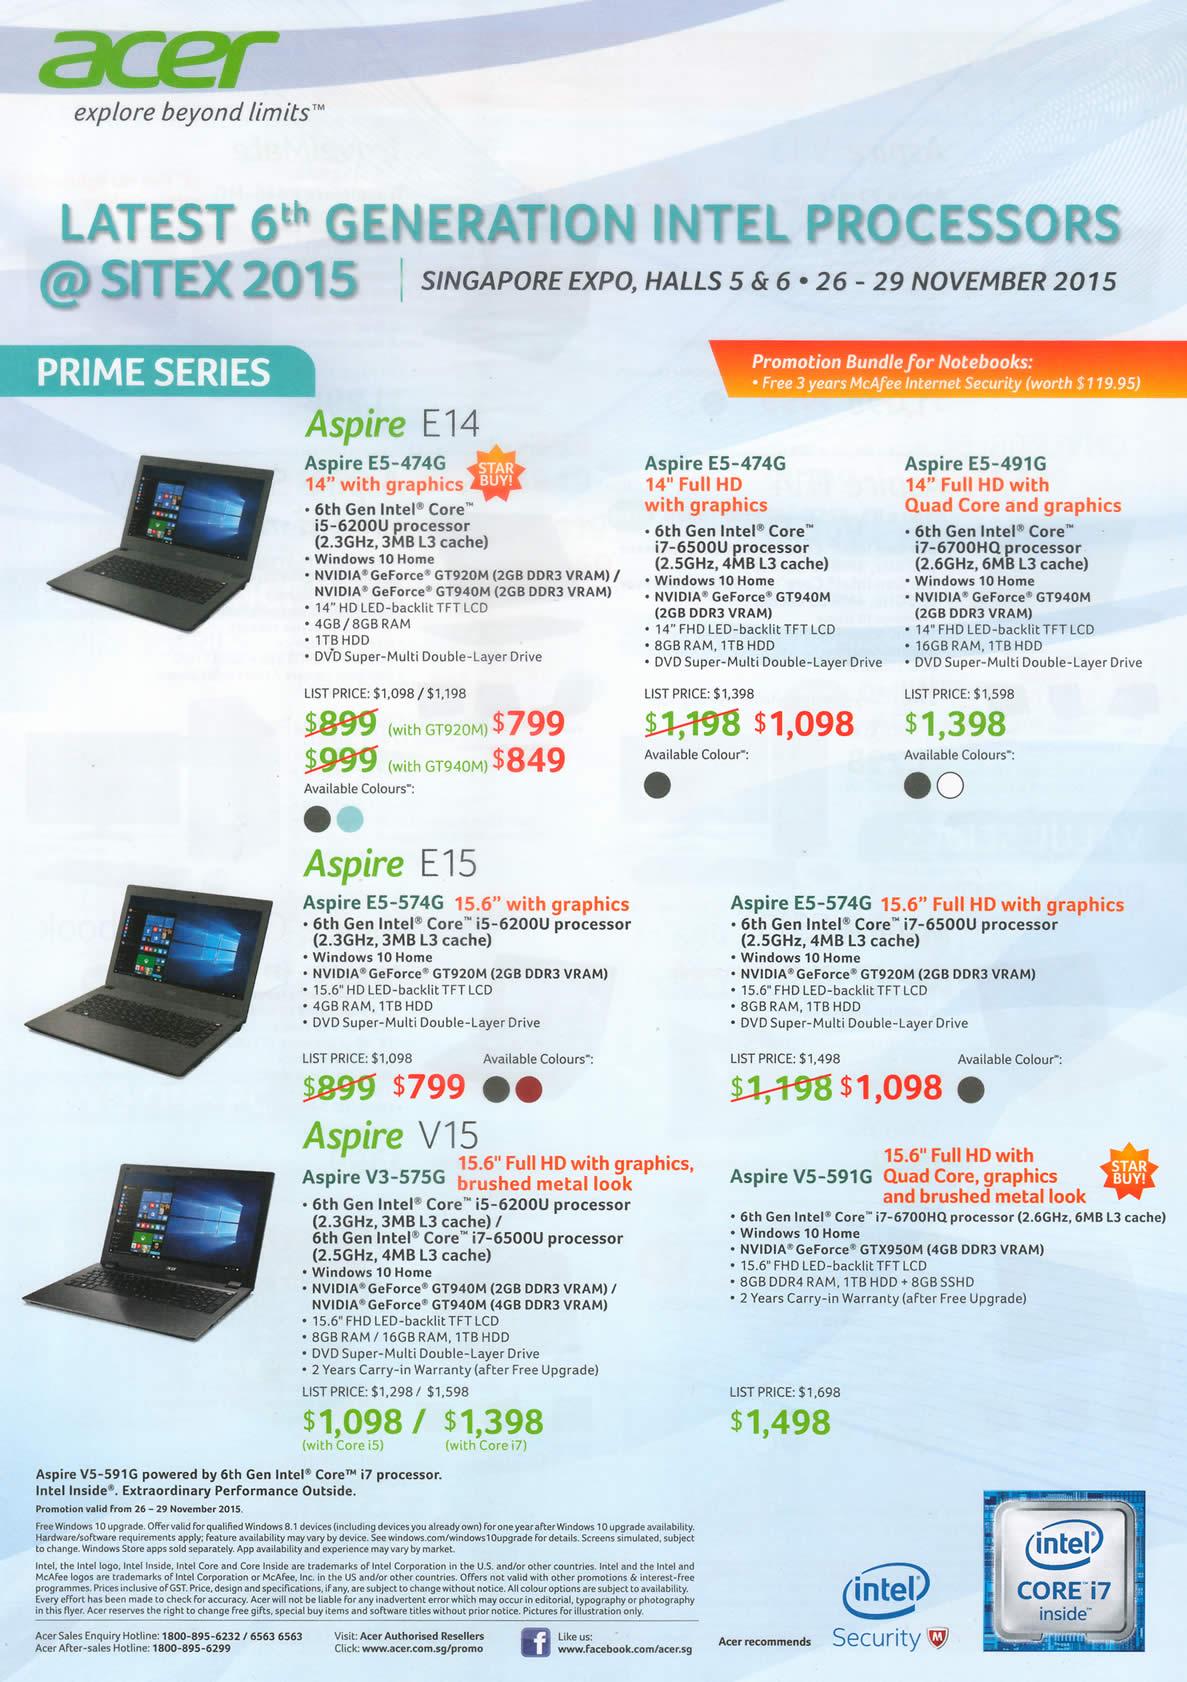 SITEX 2015 price list image brochure of Acer Notebooks Aspire E14, E5-474G, E5-474G, E5-491G, Aspire E15, E5-574G, E5-574G, Aspire V15, V3-575G, V5-591G